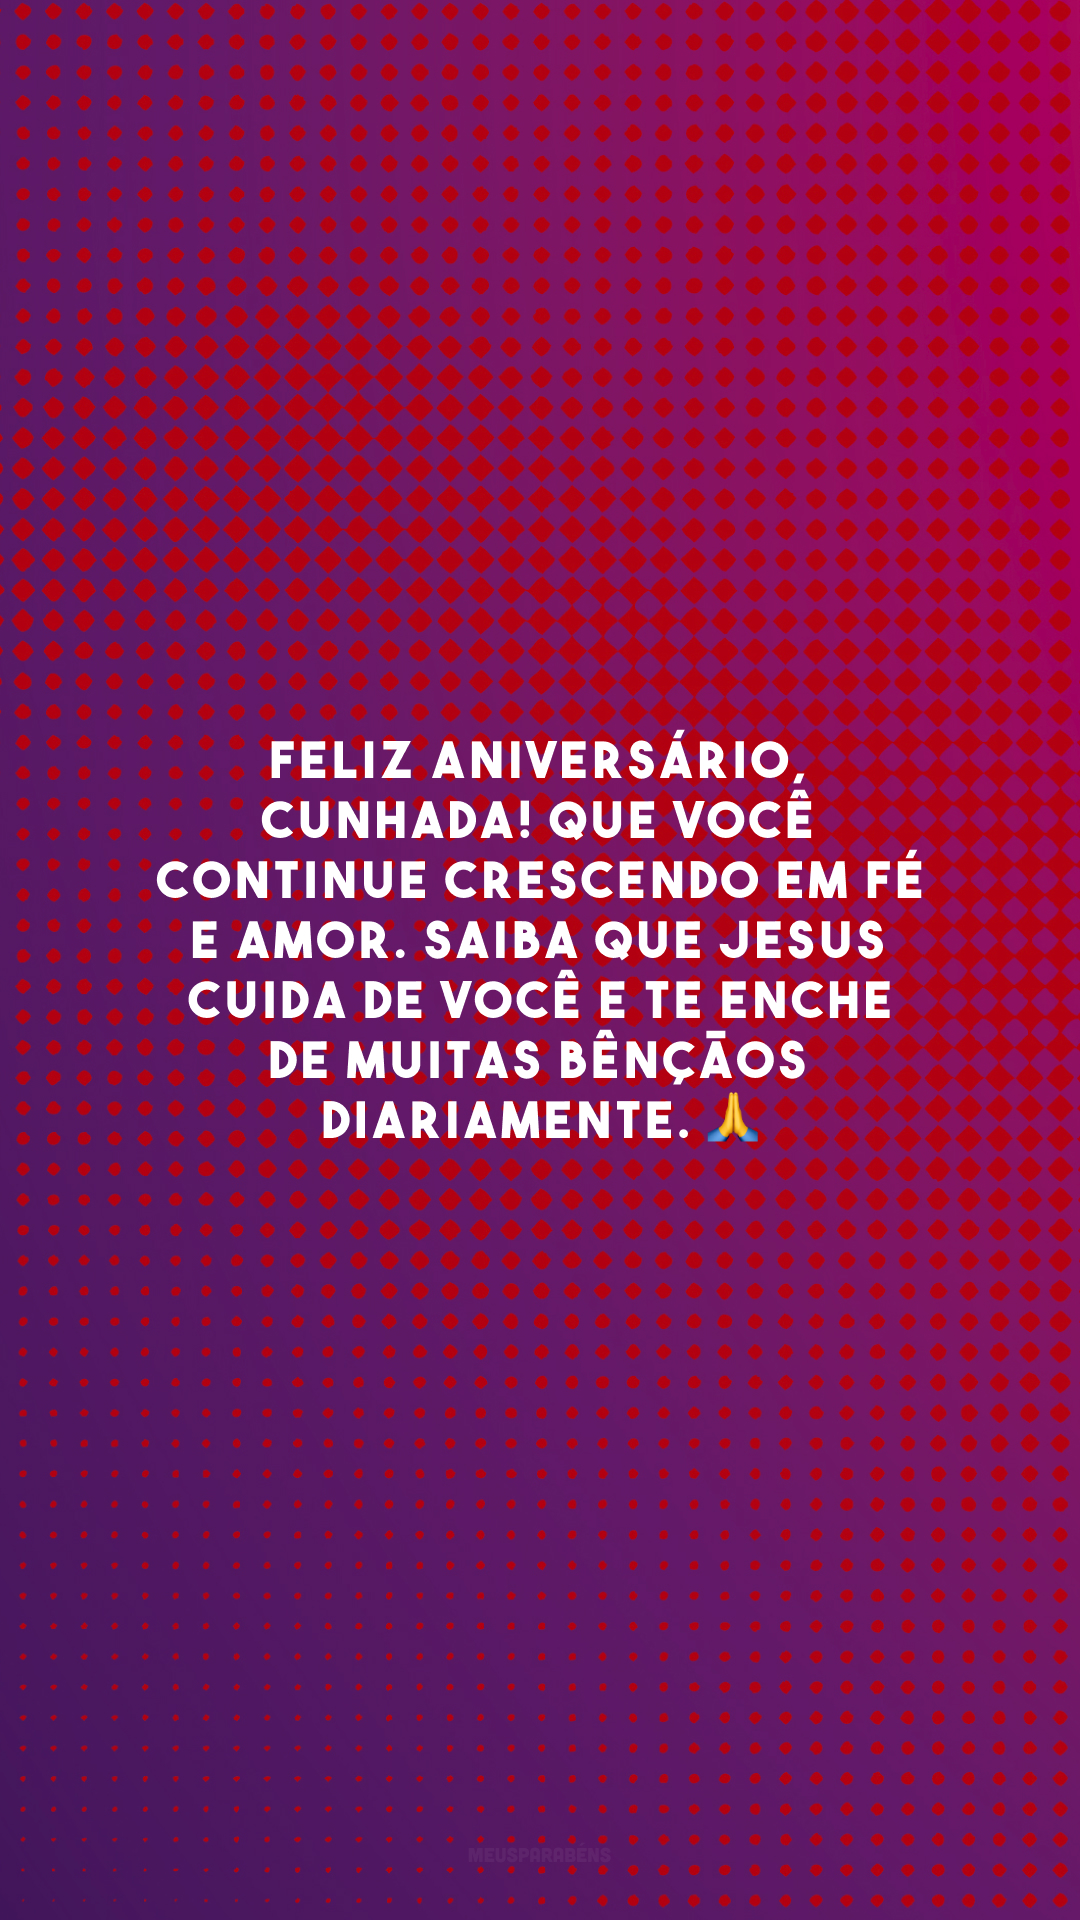 Feliz aniversário, cunhada! Que você continue crescendo em fé e amor. Saiba que Jesus cuida de você e te enche de muitas bênçãos diariamente. 🙏